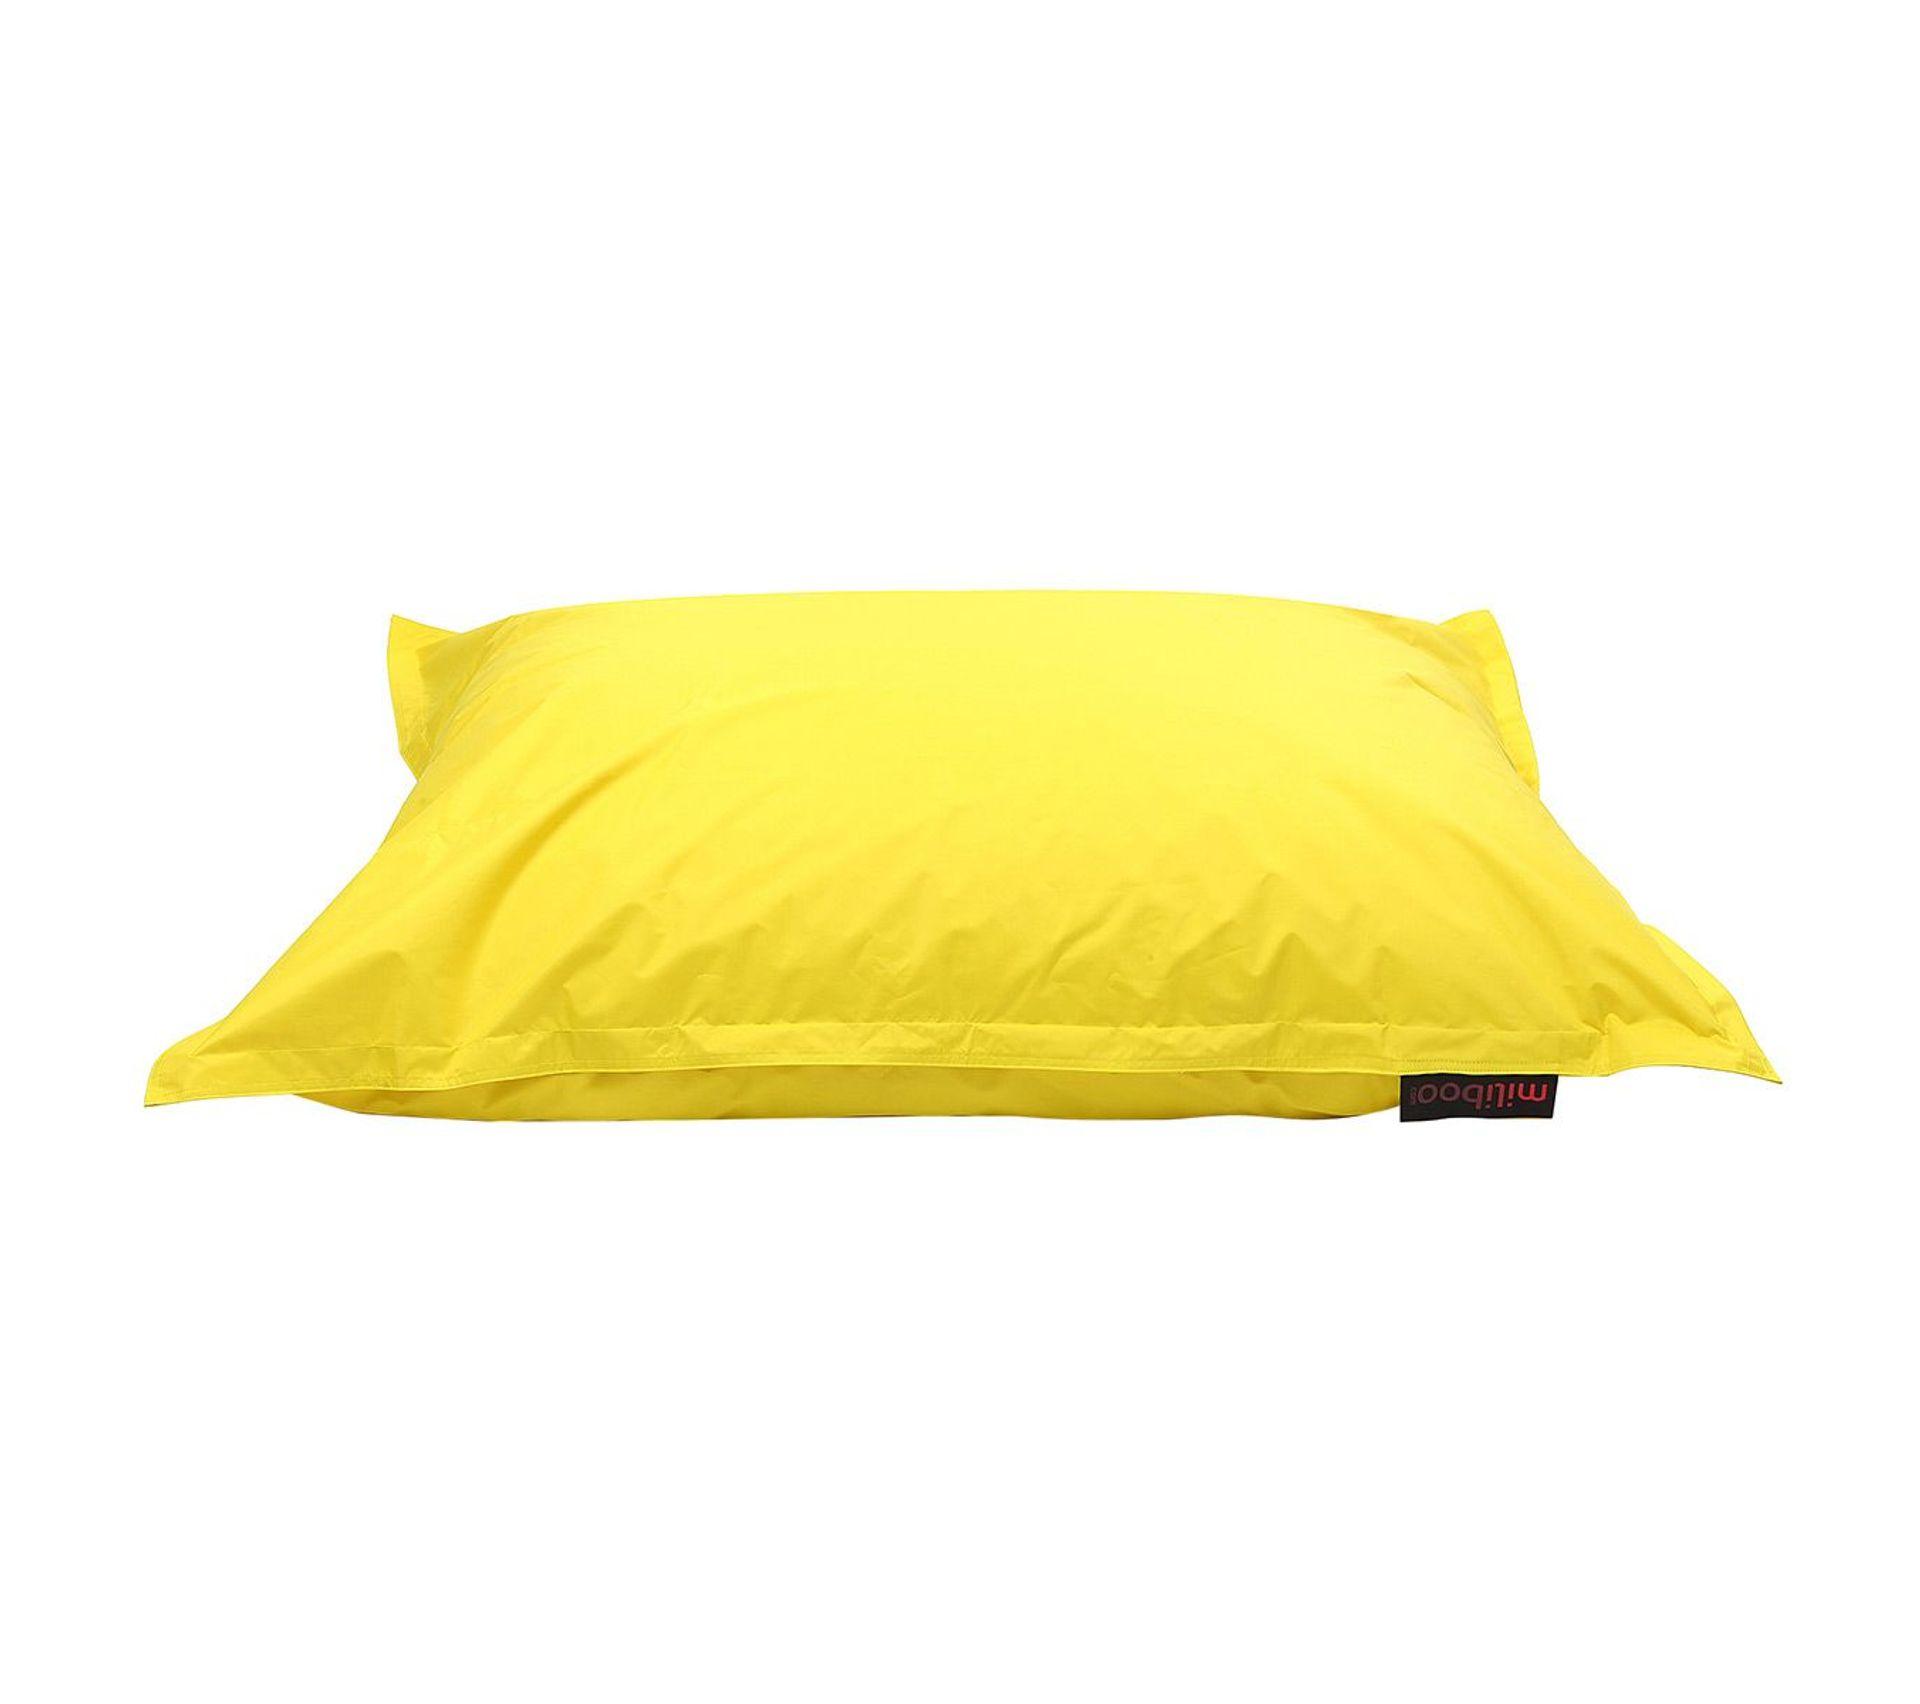 Table Basse Lego Geant housse de pouf géant jaune big milibag